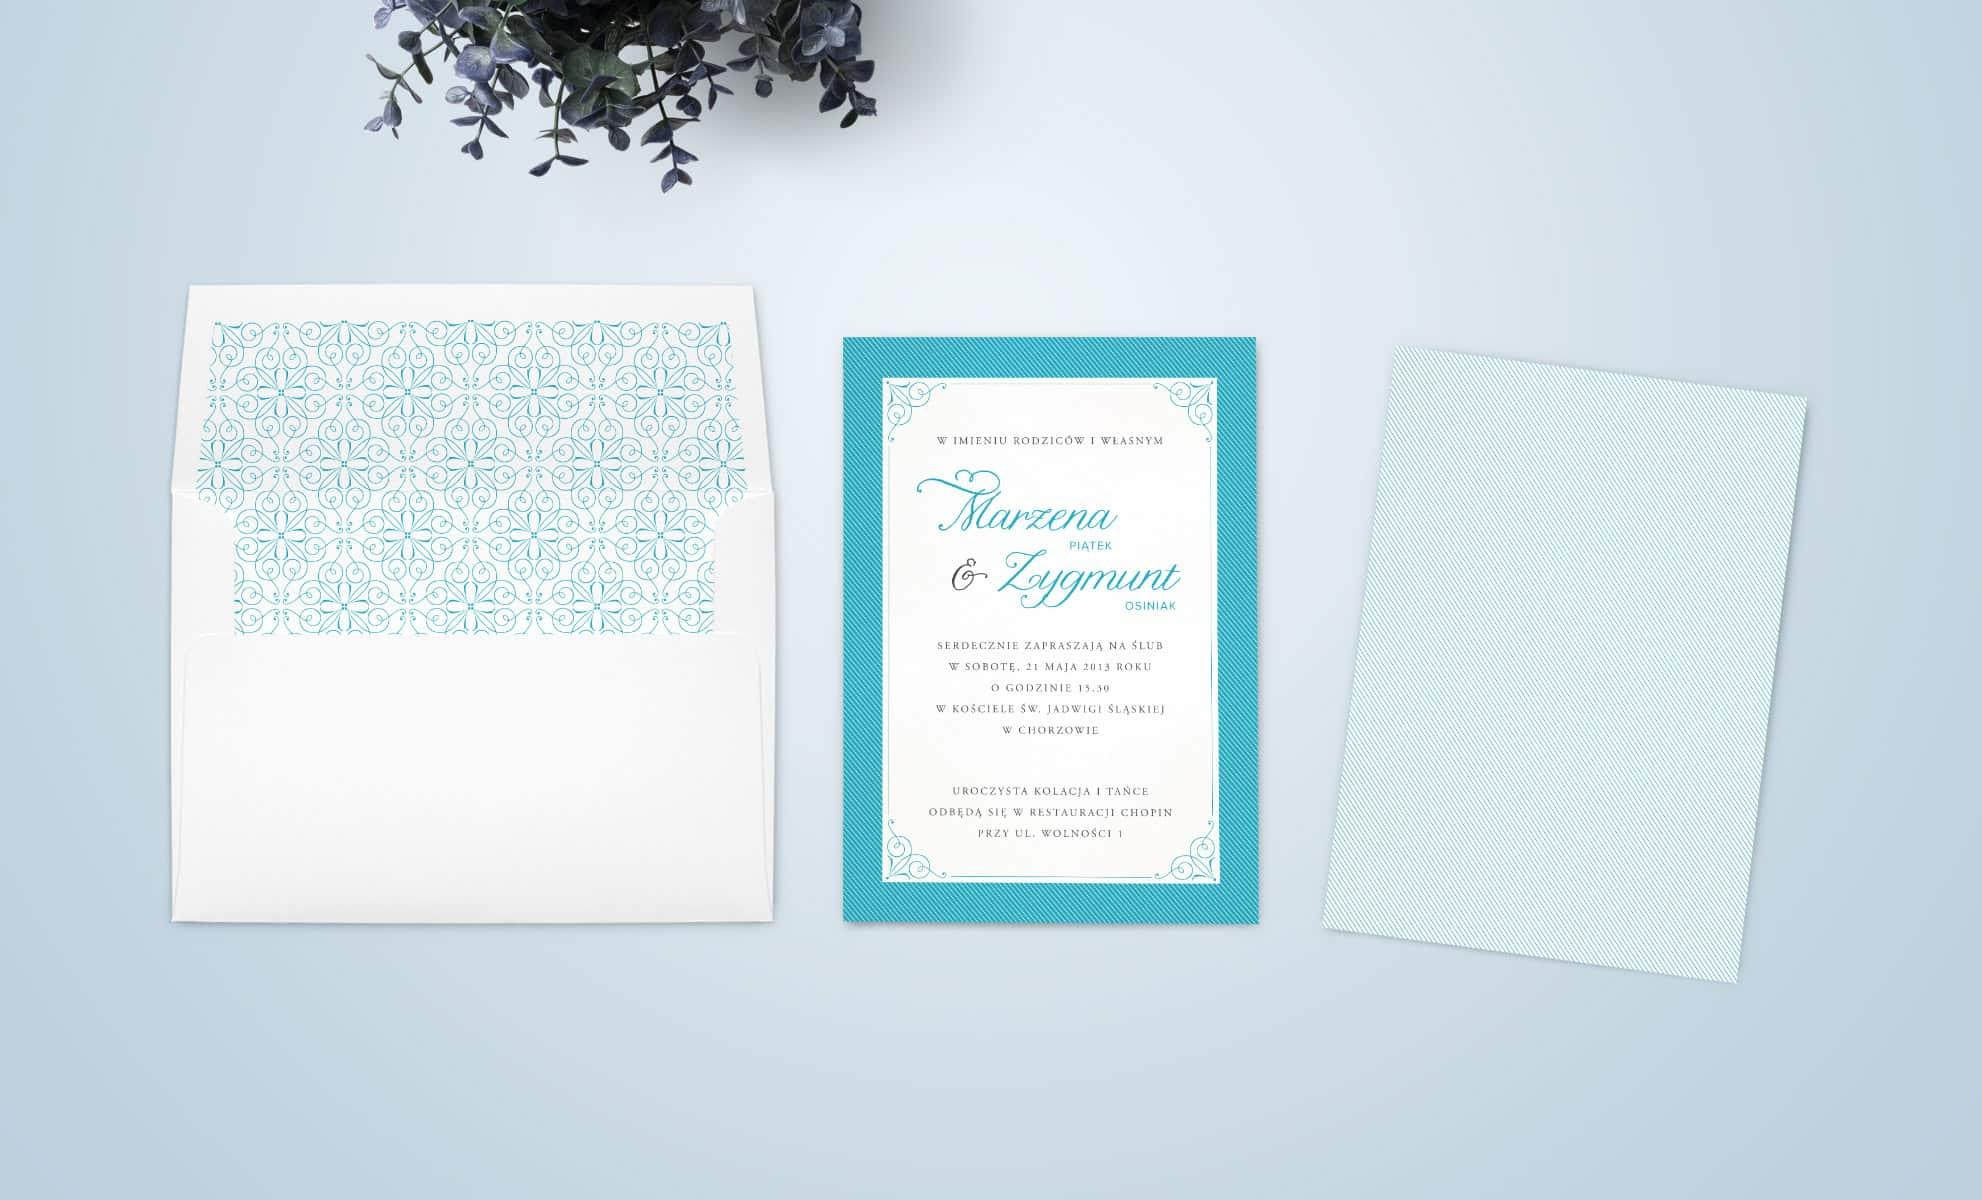 Zaproszenie w kolorze błękitu z ozdobami ornamentalnymi